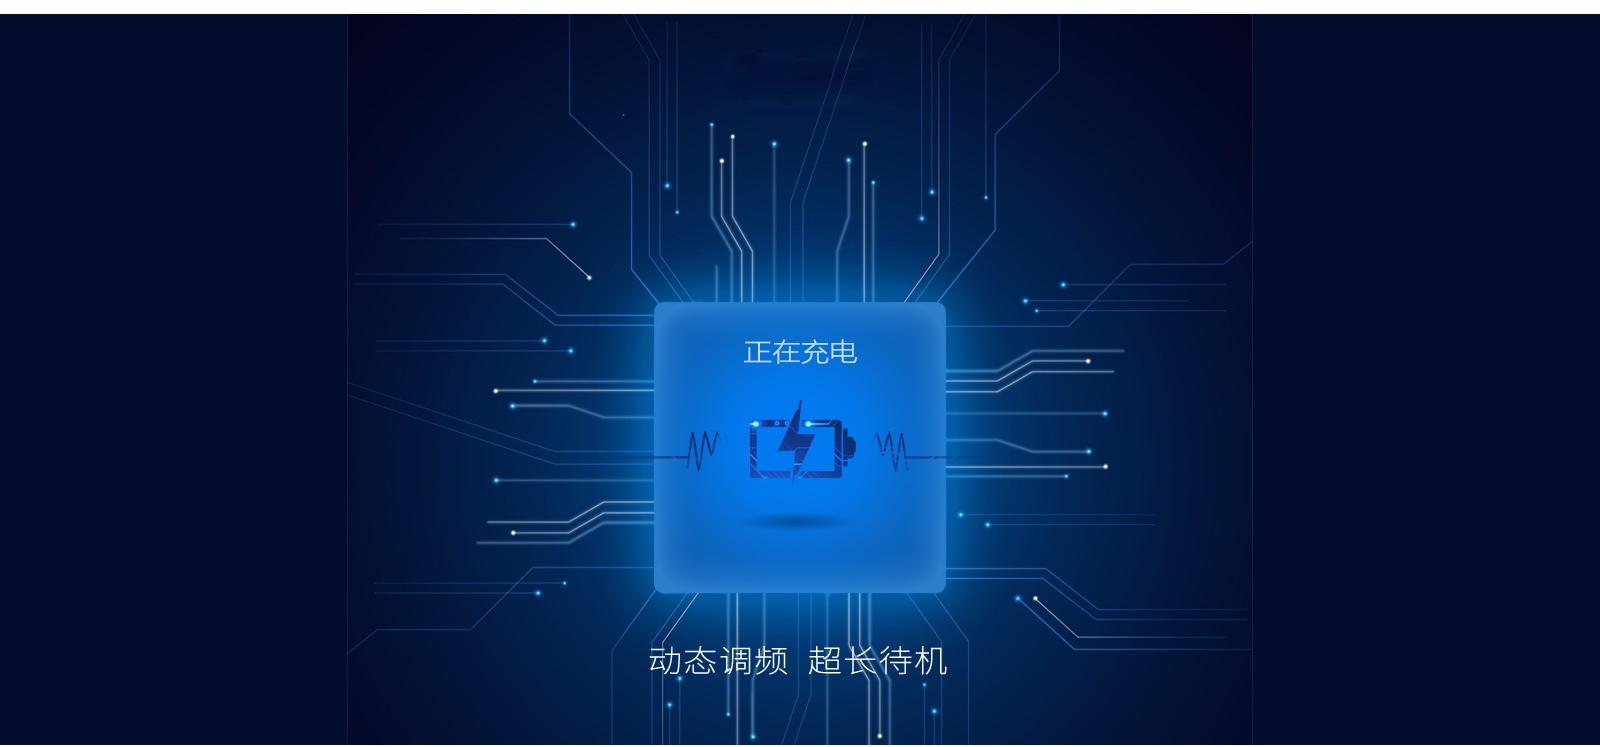 S5P6818电源管理